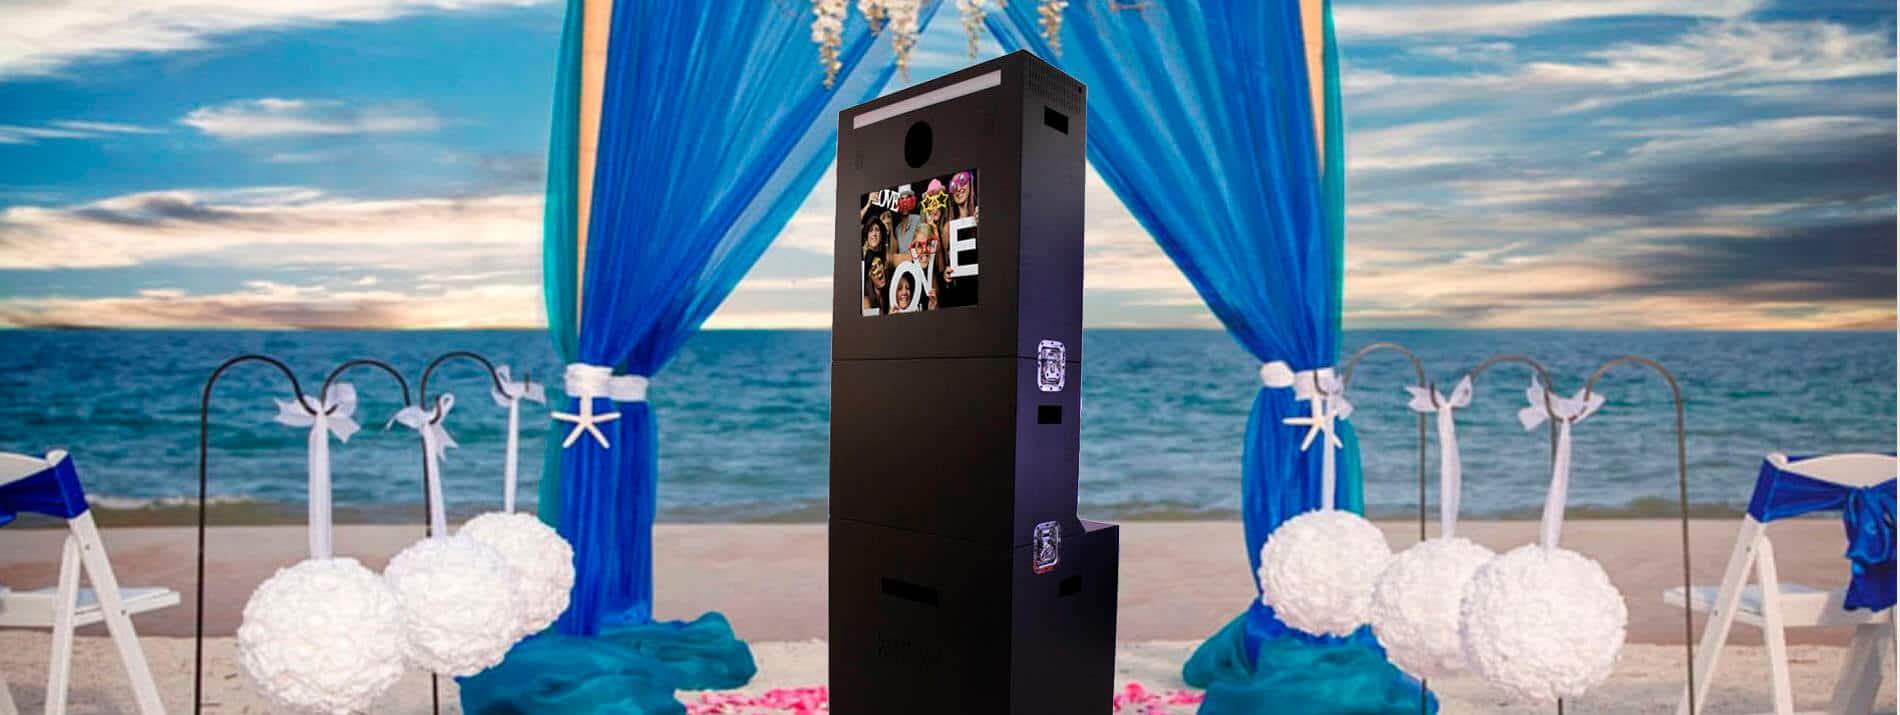 Alquiler de Fotomatón para bodas en Madrid